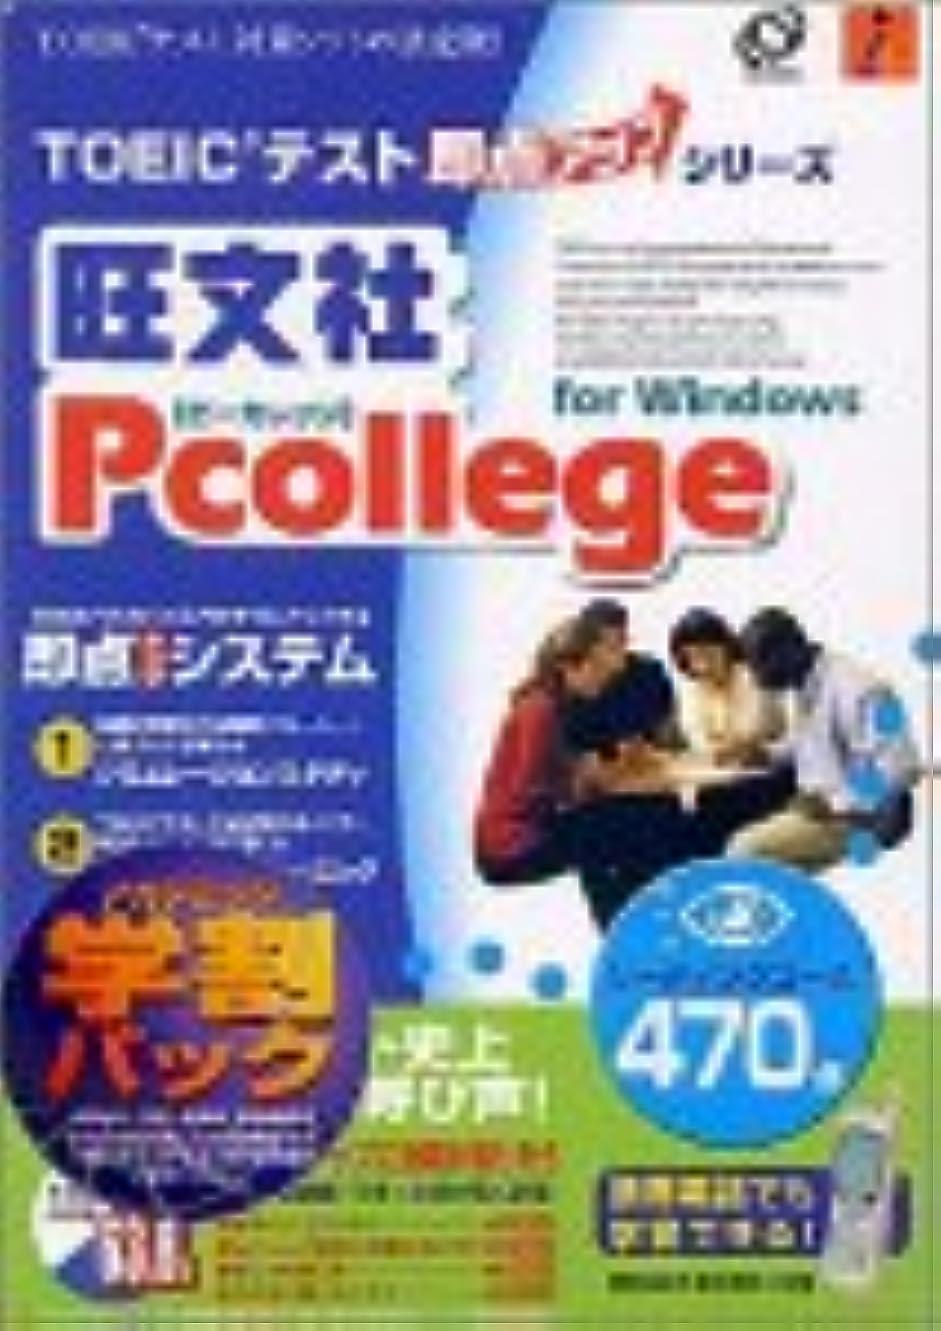 パックサラミ深める旺文社Pcollege for Windows リーディングコース470点アカデミック